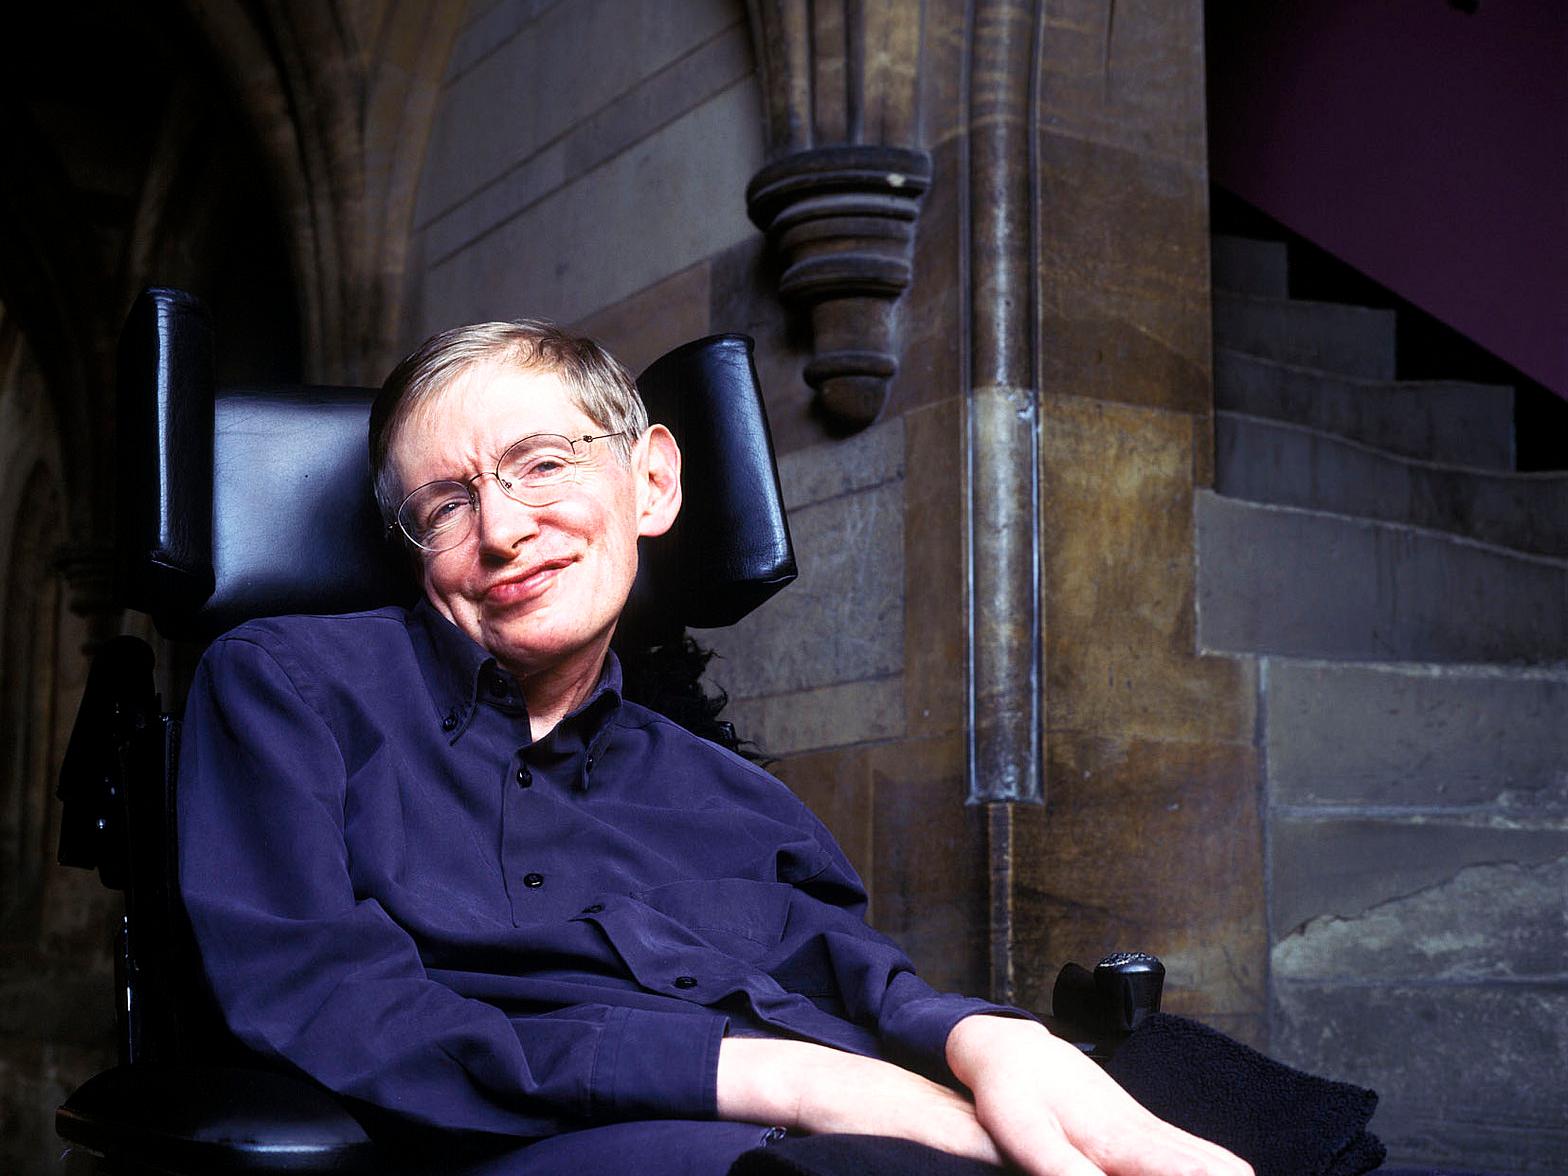 Stephen Hawking dice que tenemos un siglo para encontrar un nuevo planeta al cual emigrar